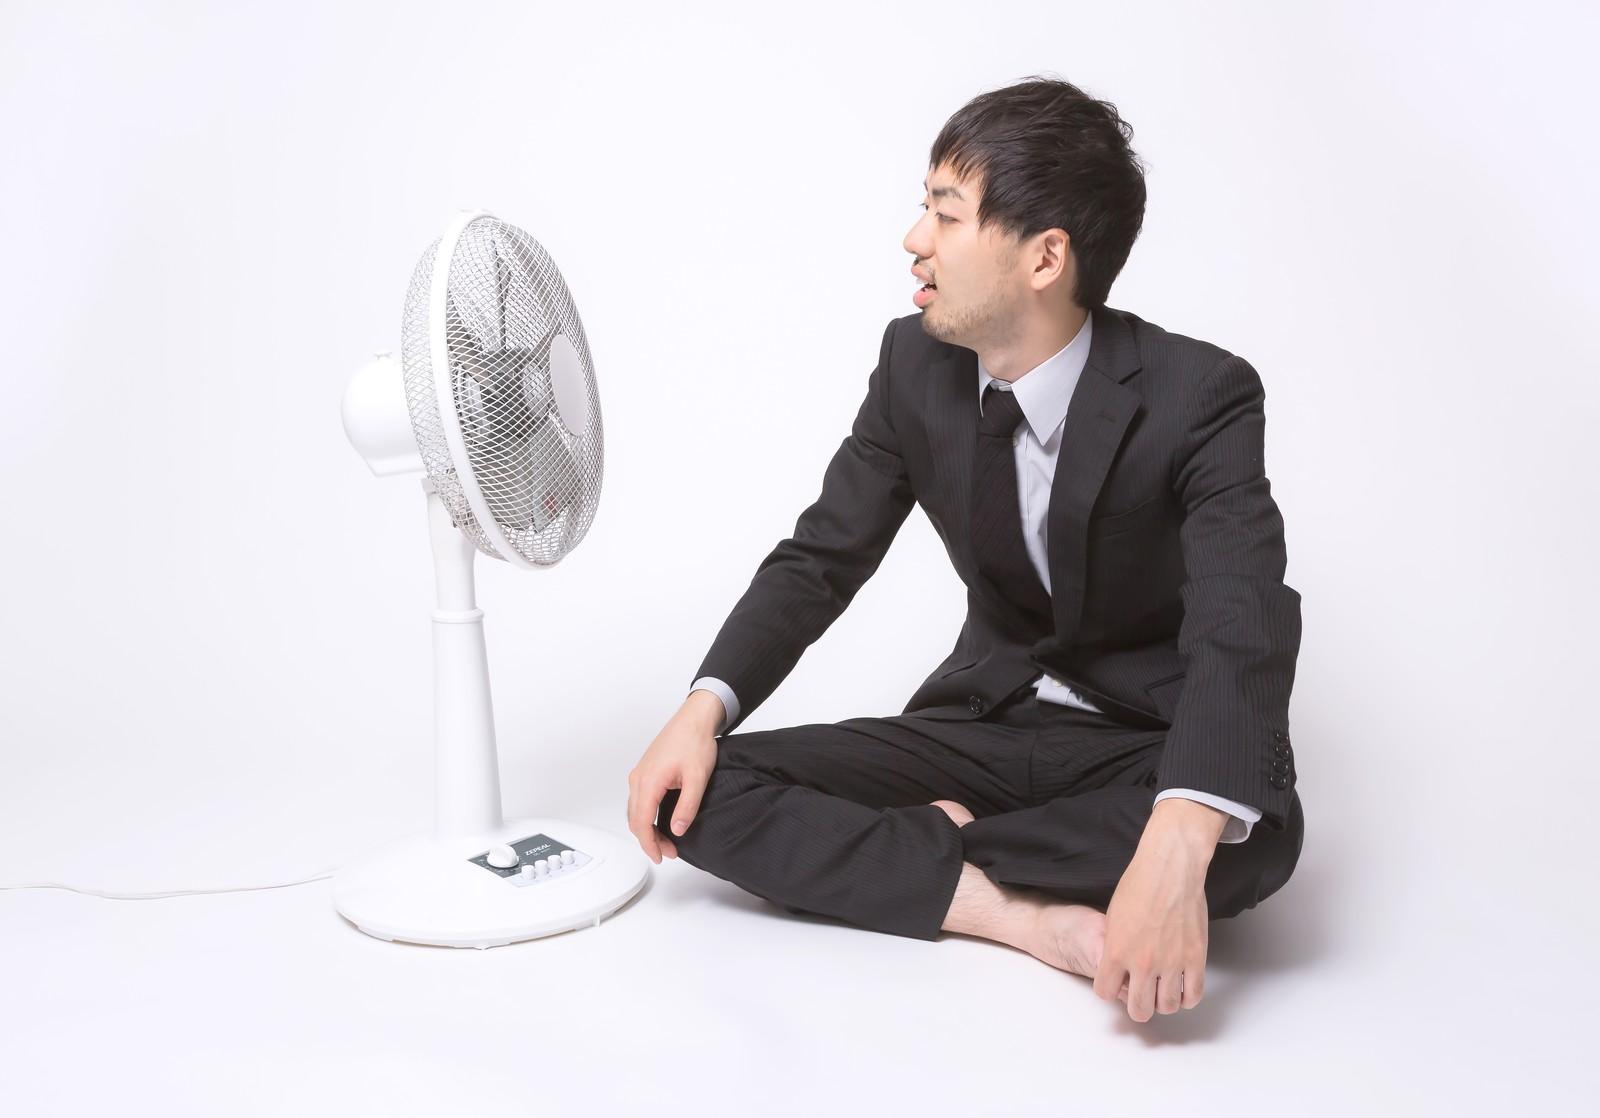 扇風機の前でくつろぐ男性